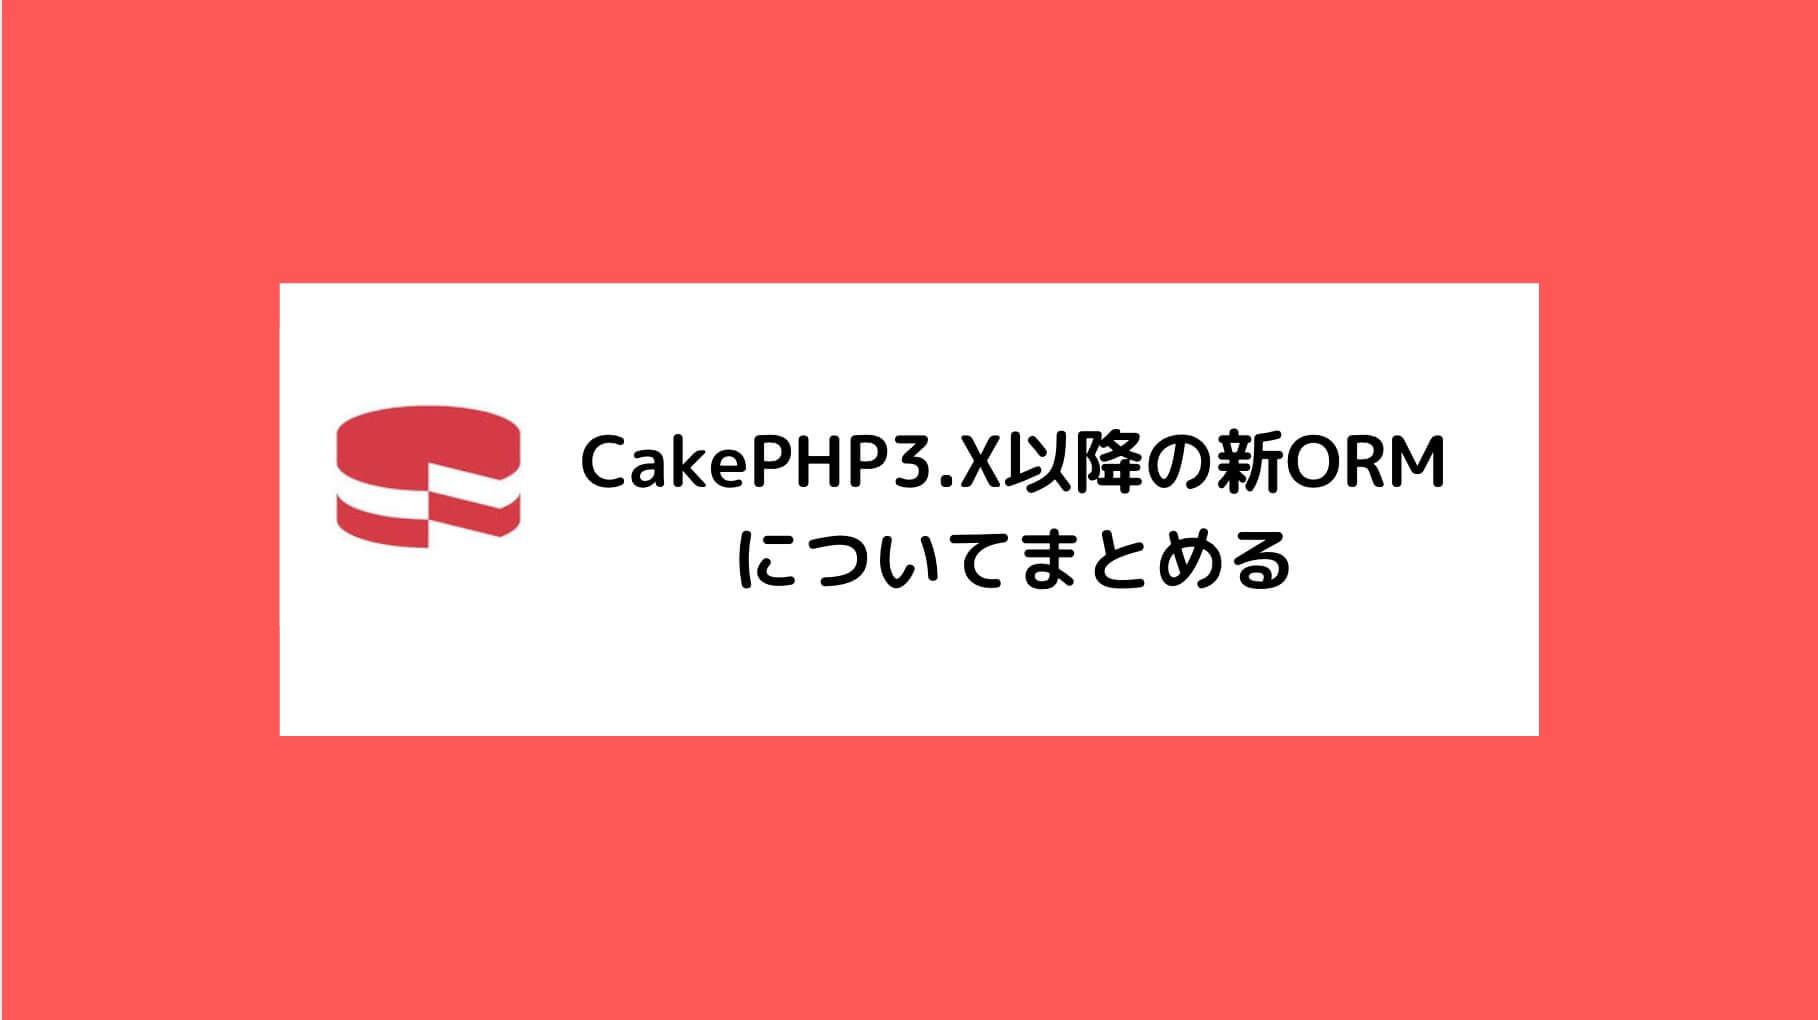 CakePHP3.X以降の新ORM についてまとめると書かれた画像